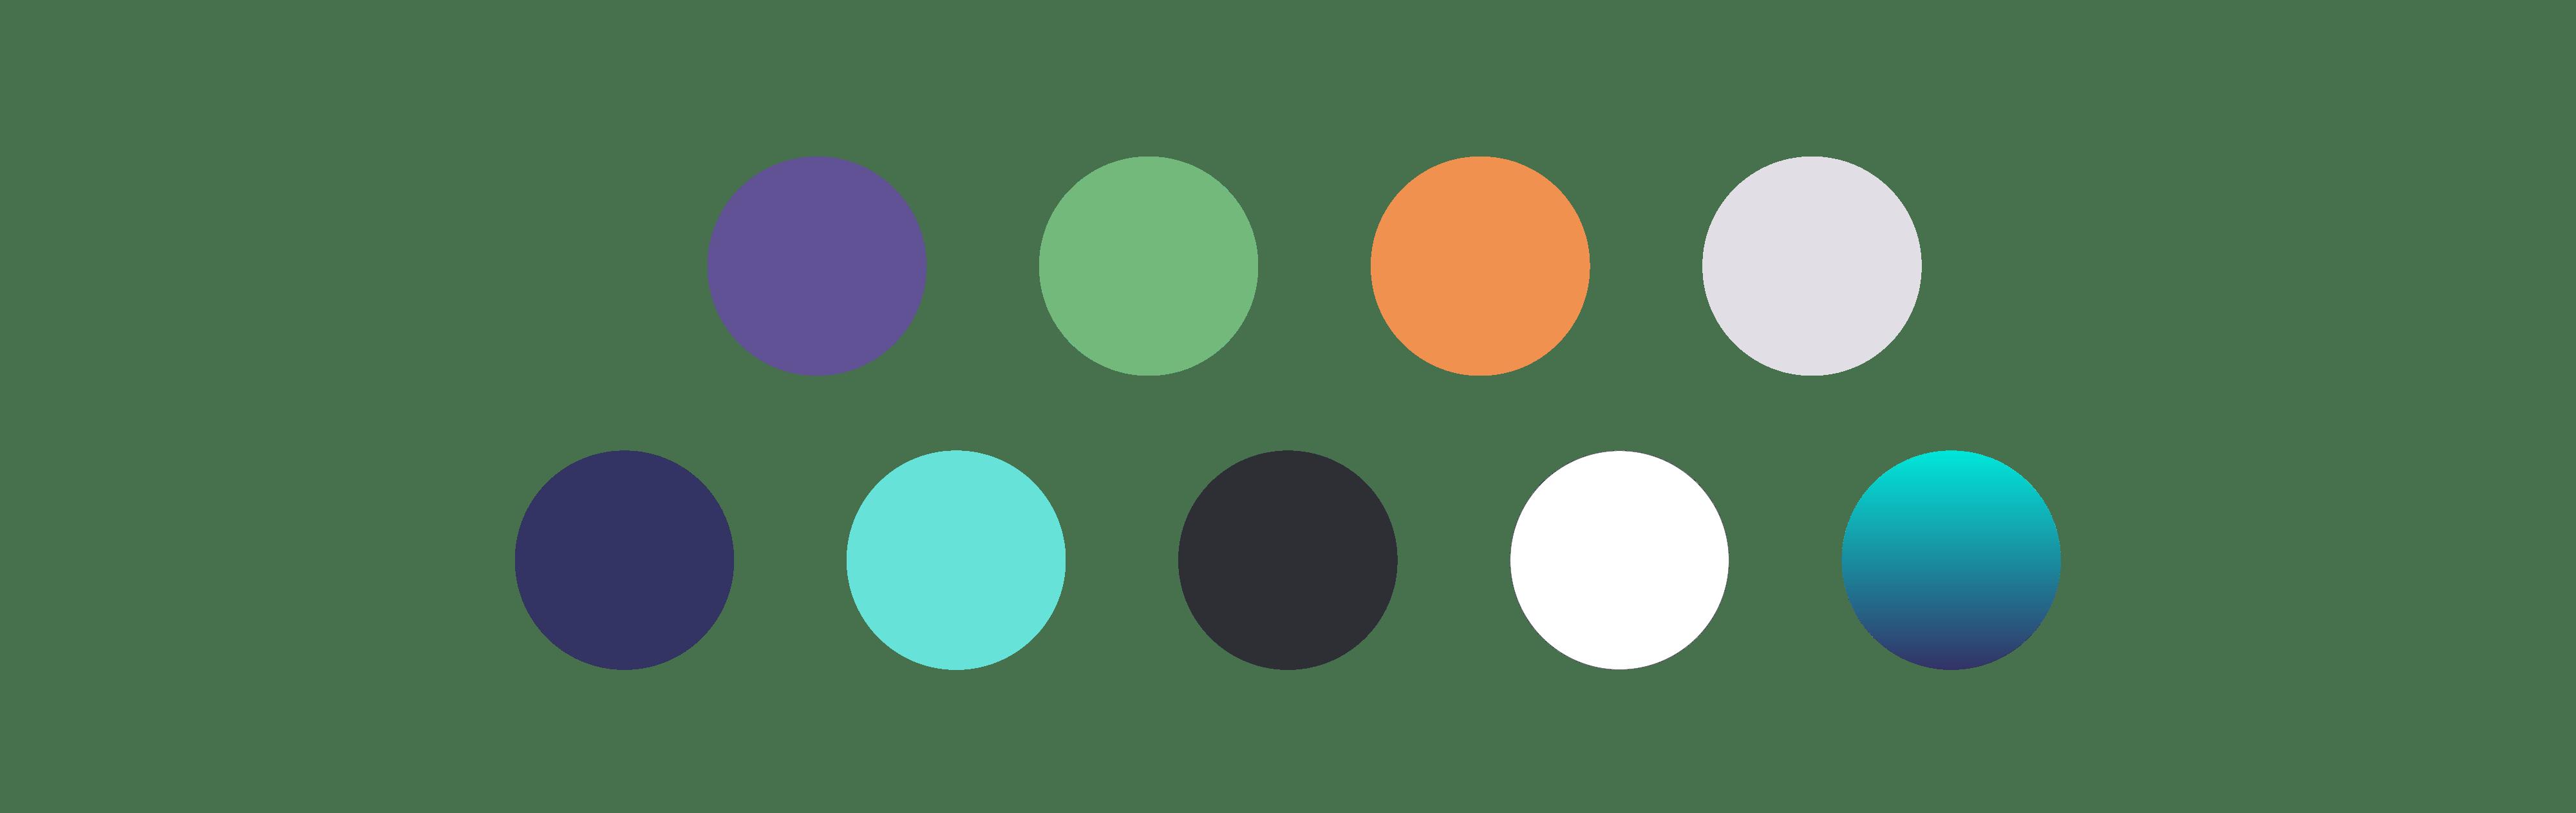 Summit color palette